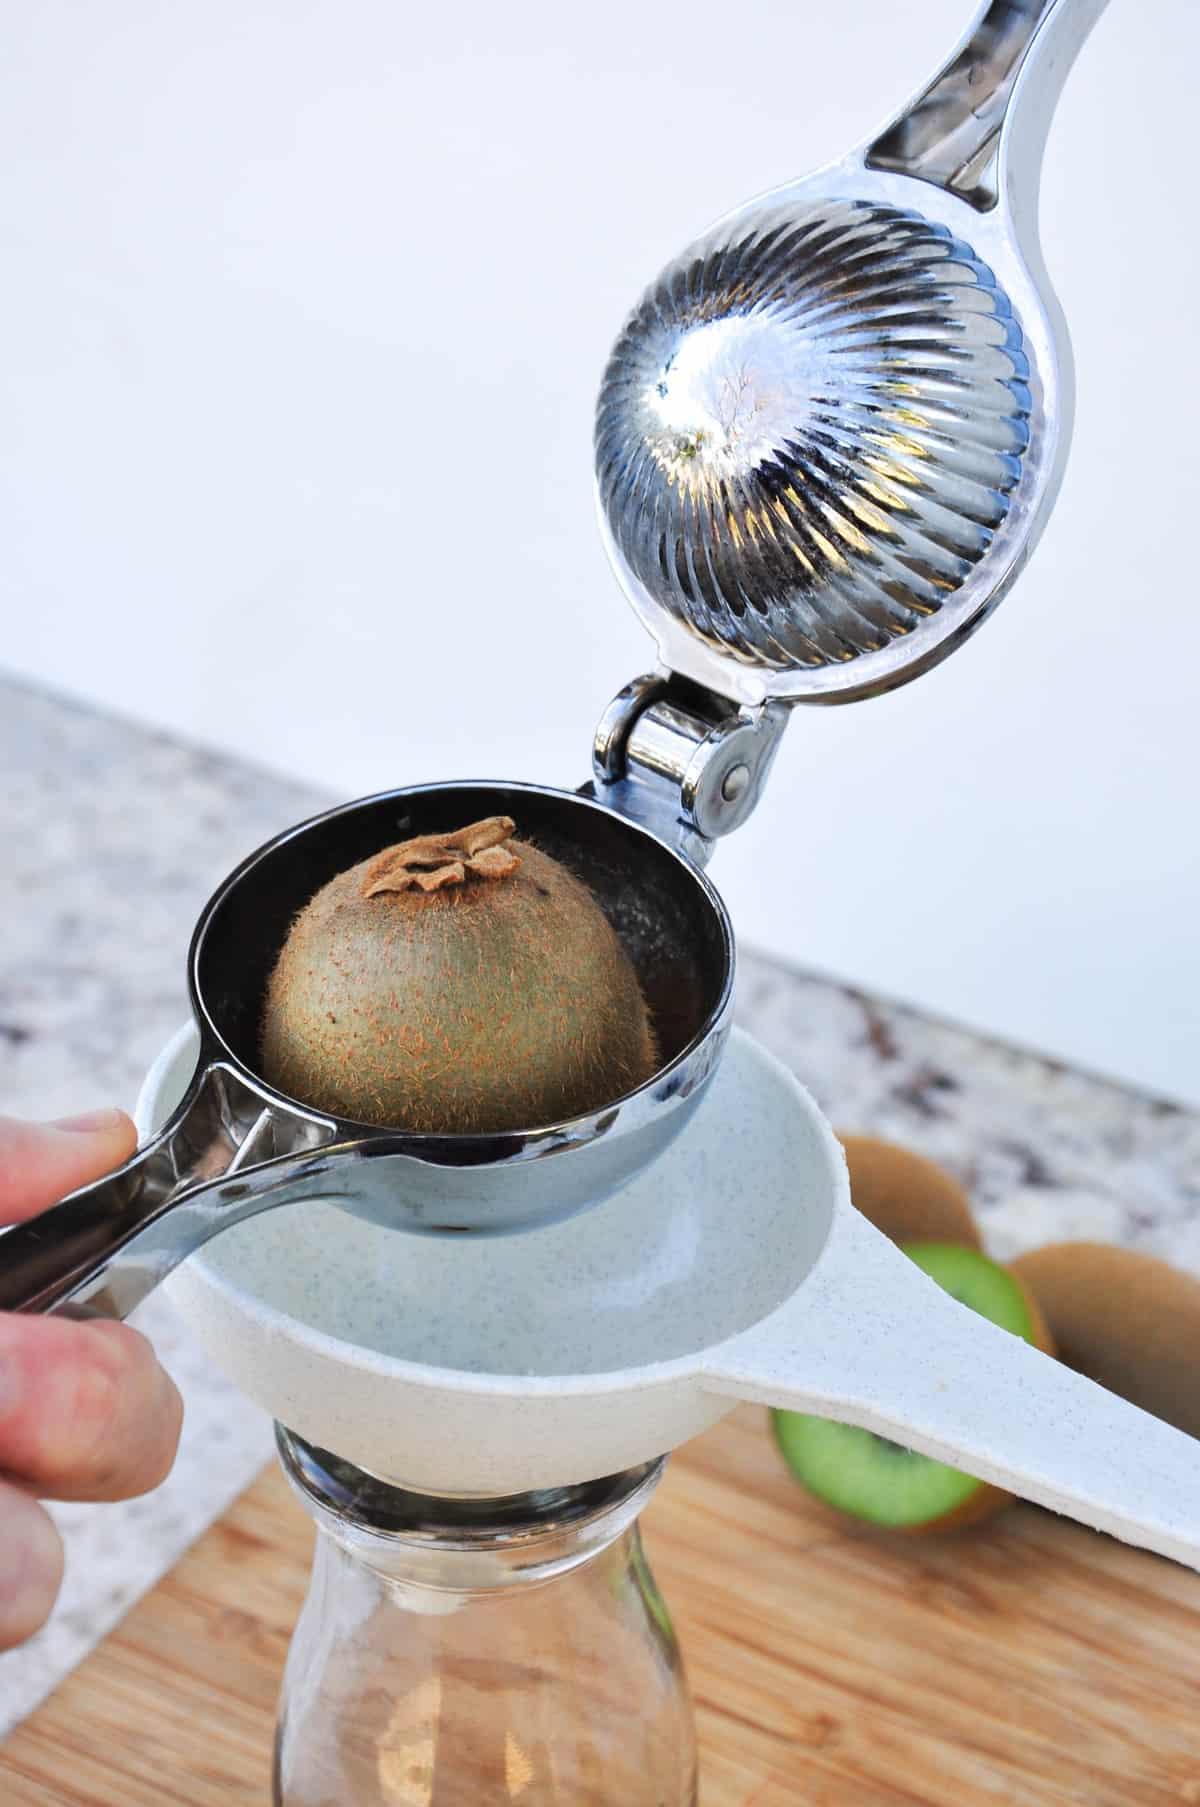 Juice kiwi fruit